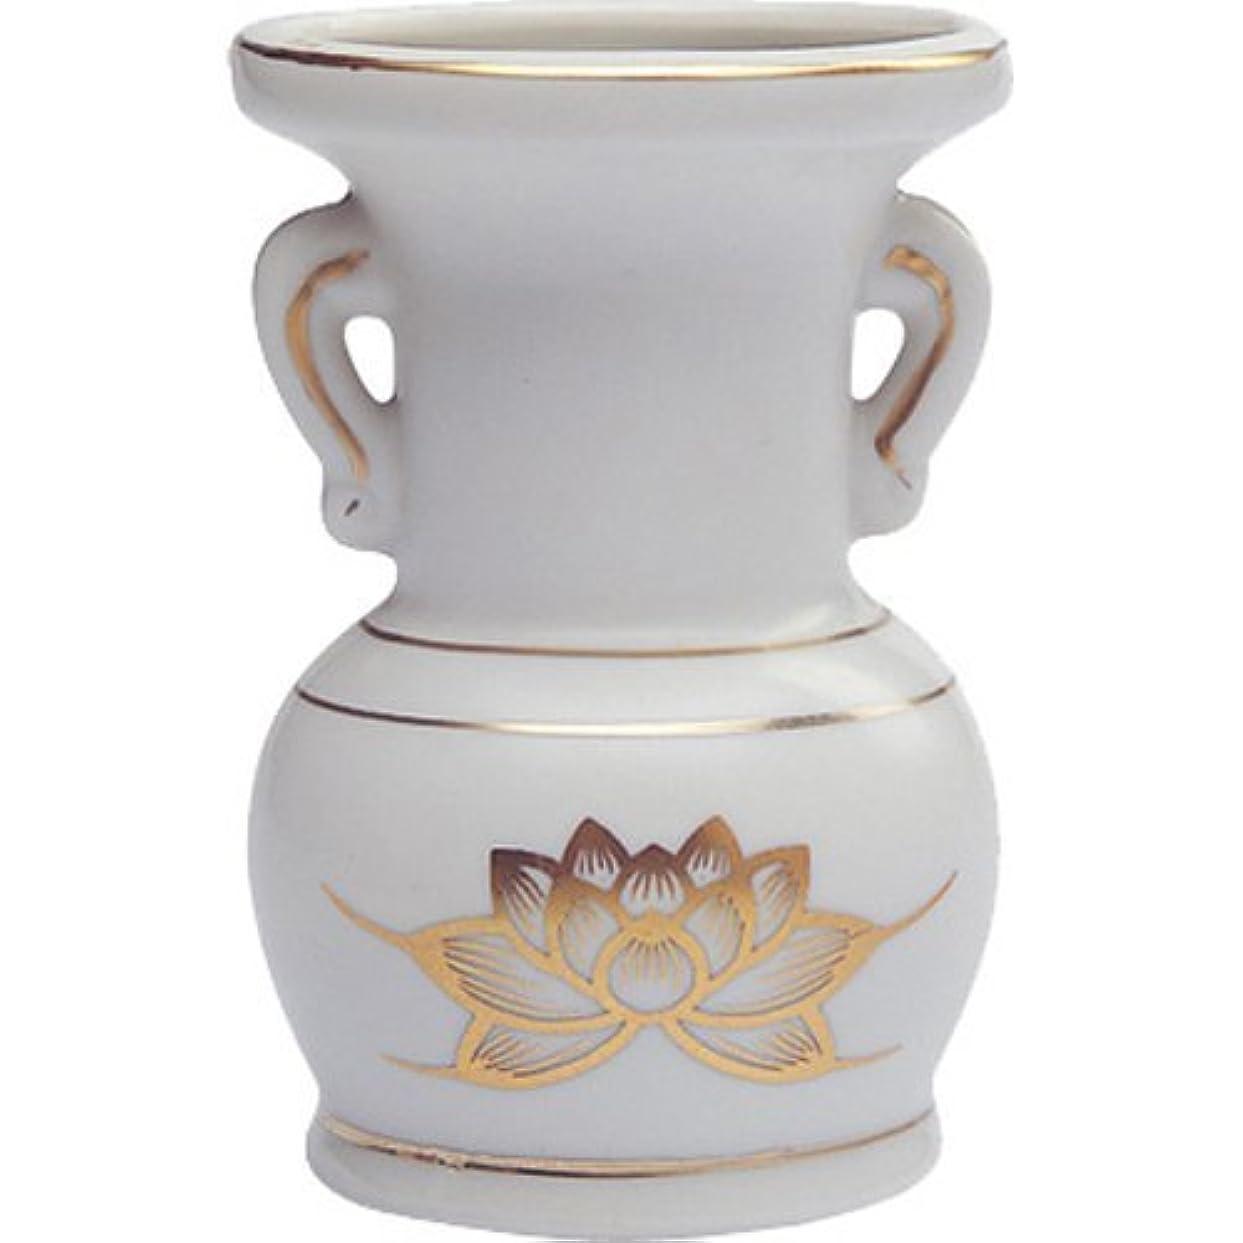 受動的国風景花立て 陶器(白磁)